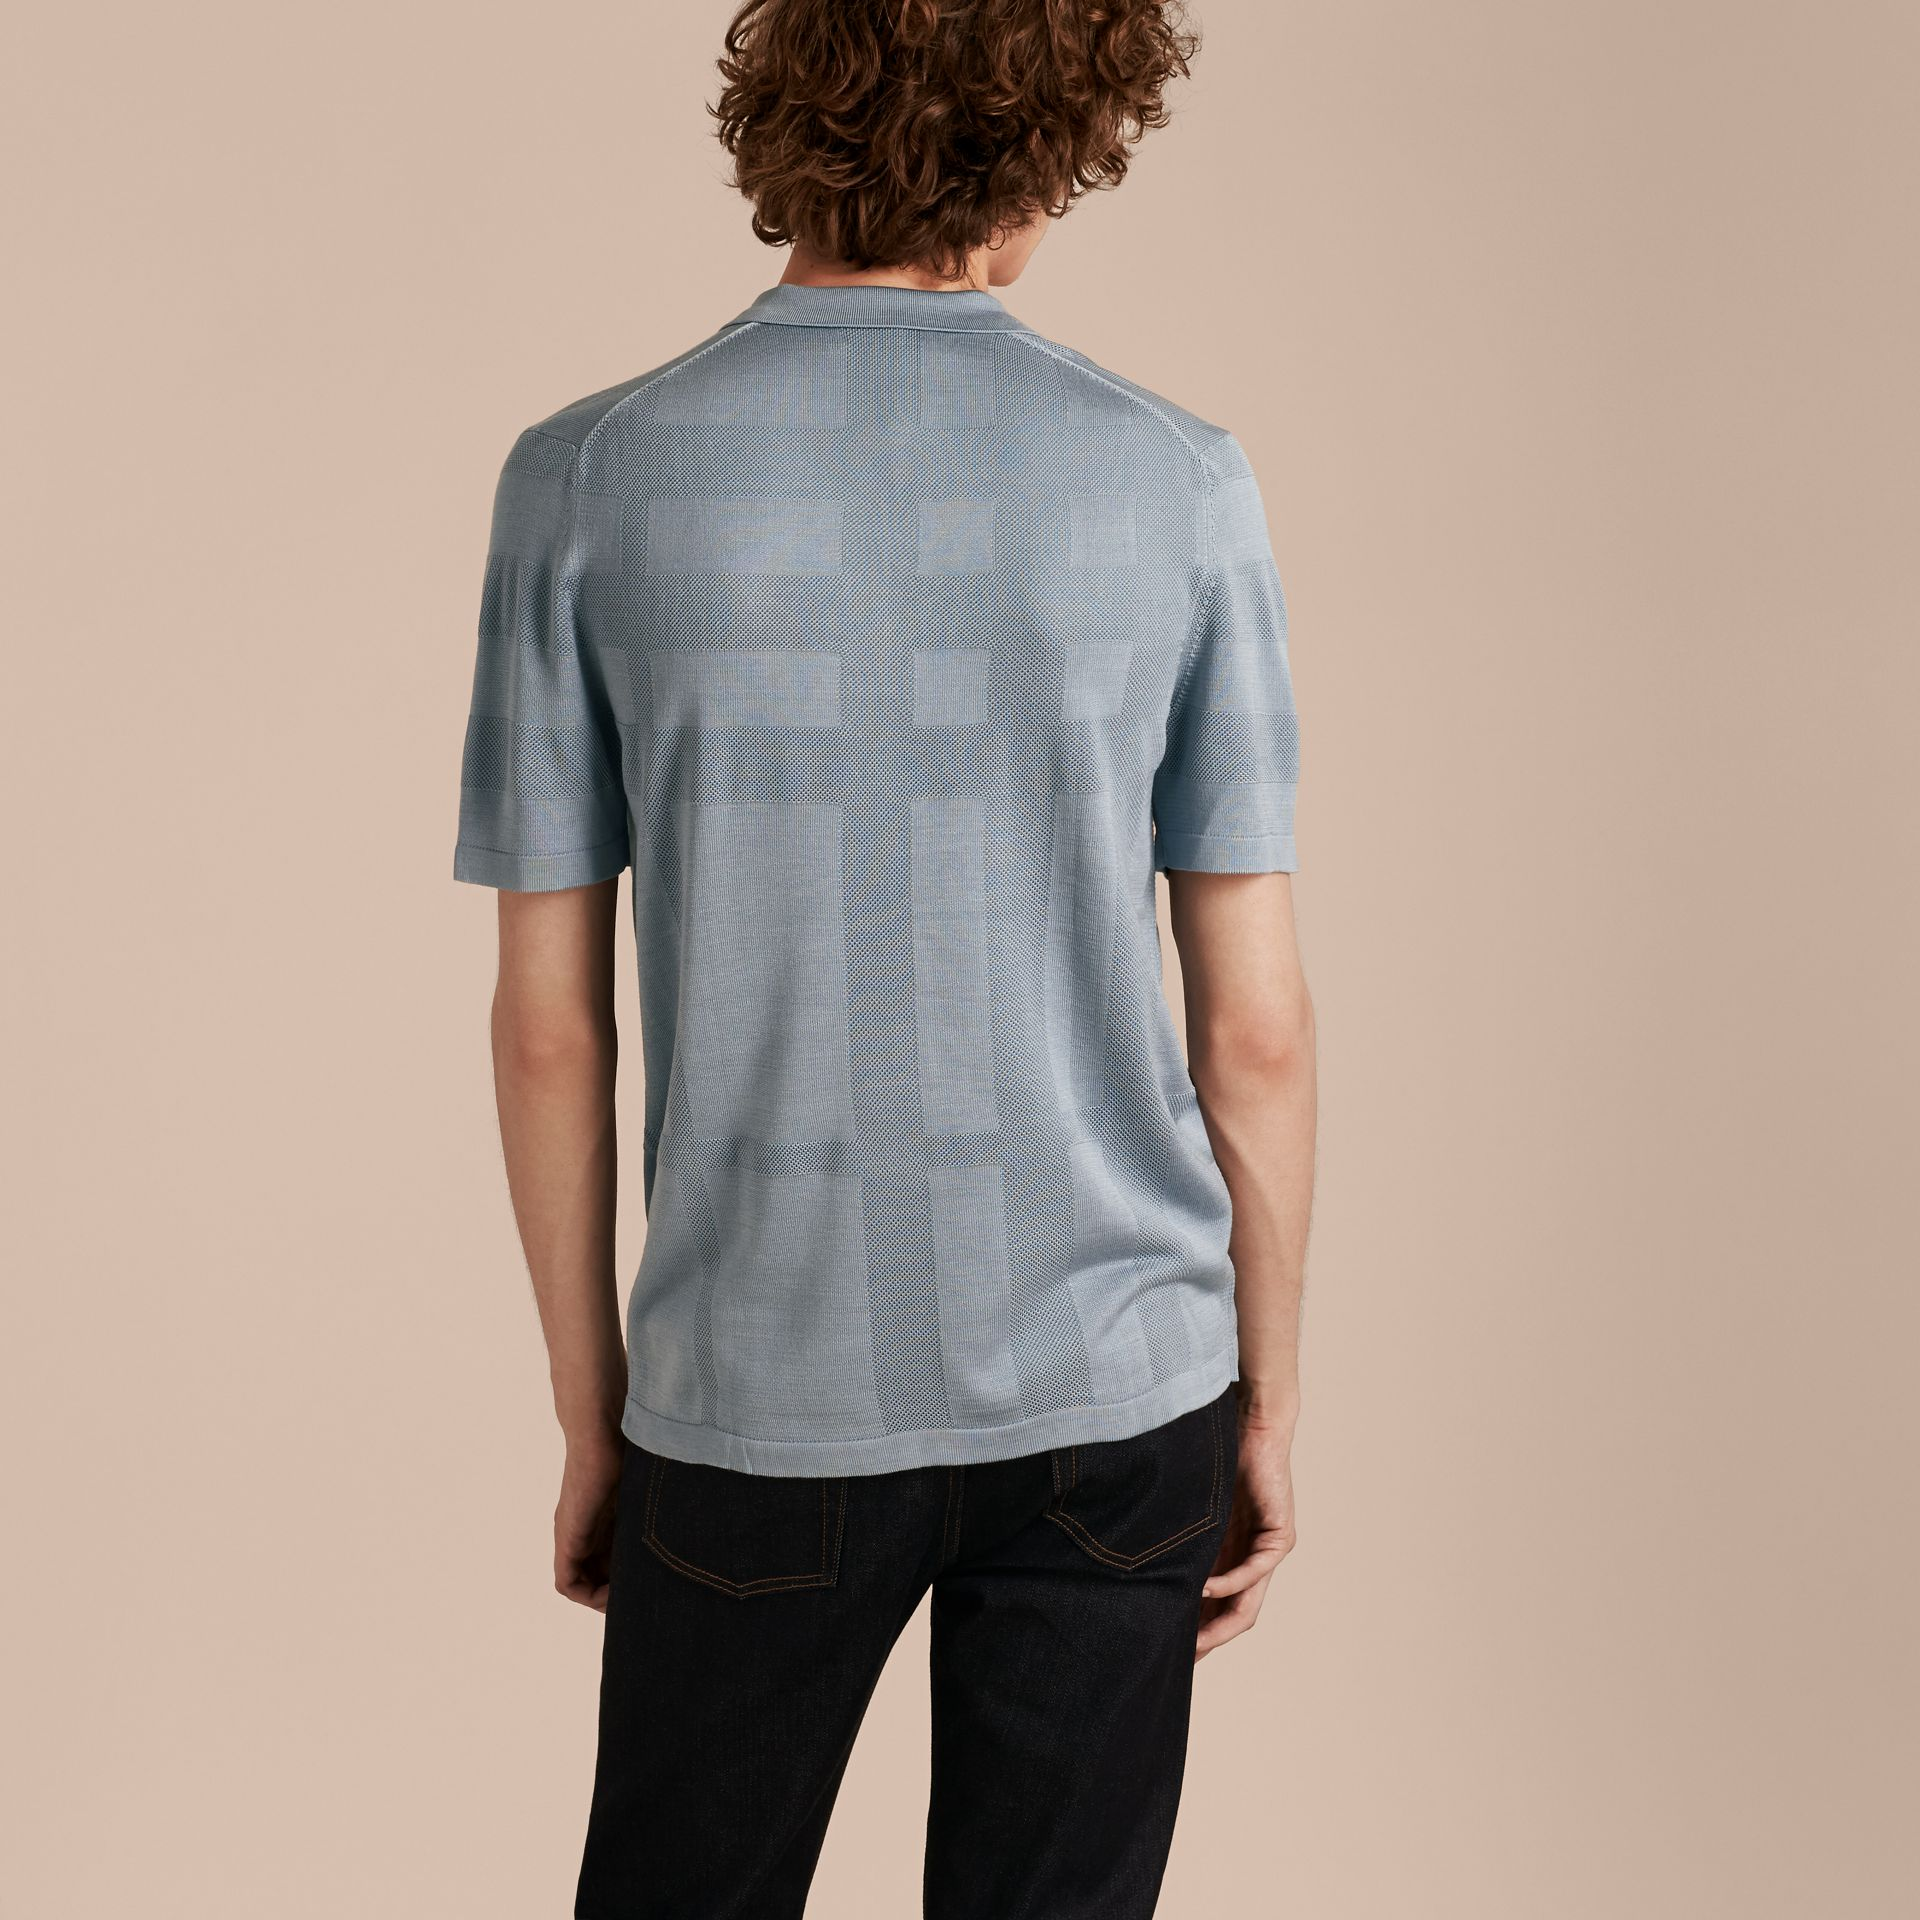 チェックジャカード ピケシルクコットン ポロシャツ (スレートブルー) - メンズ | バーバリー - ギャラリーイメージ 3